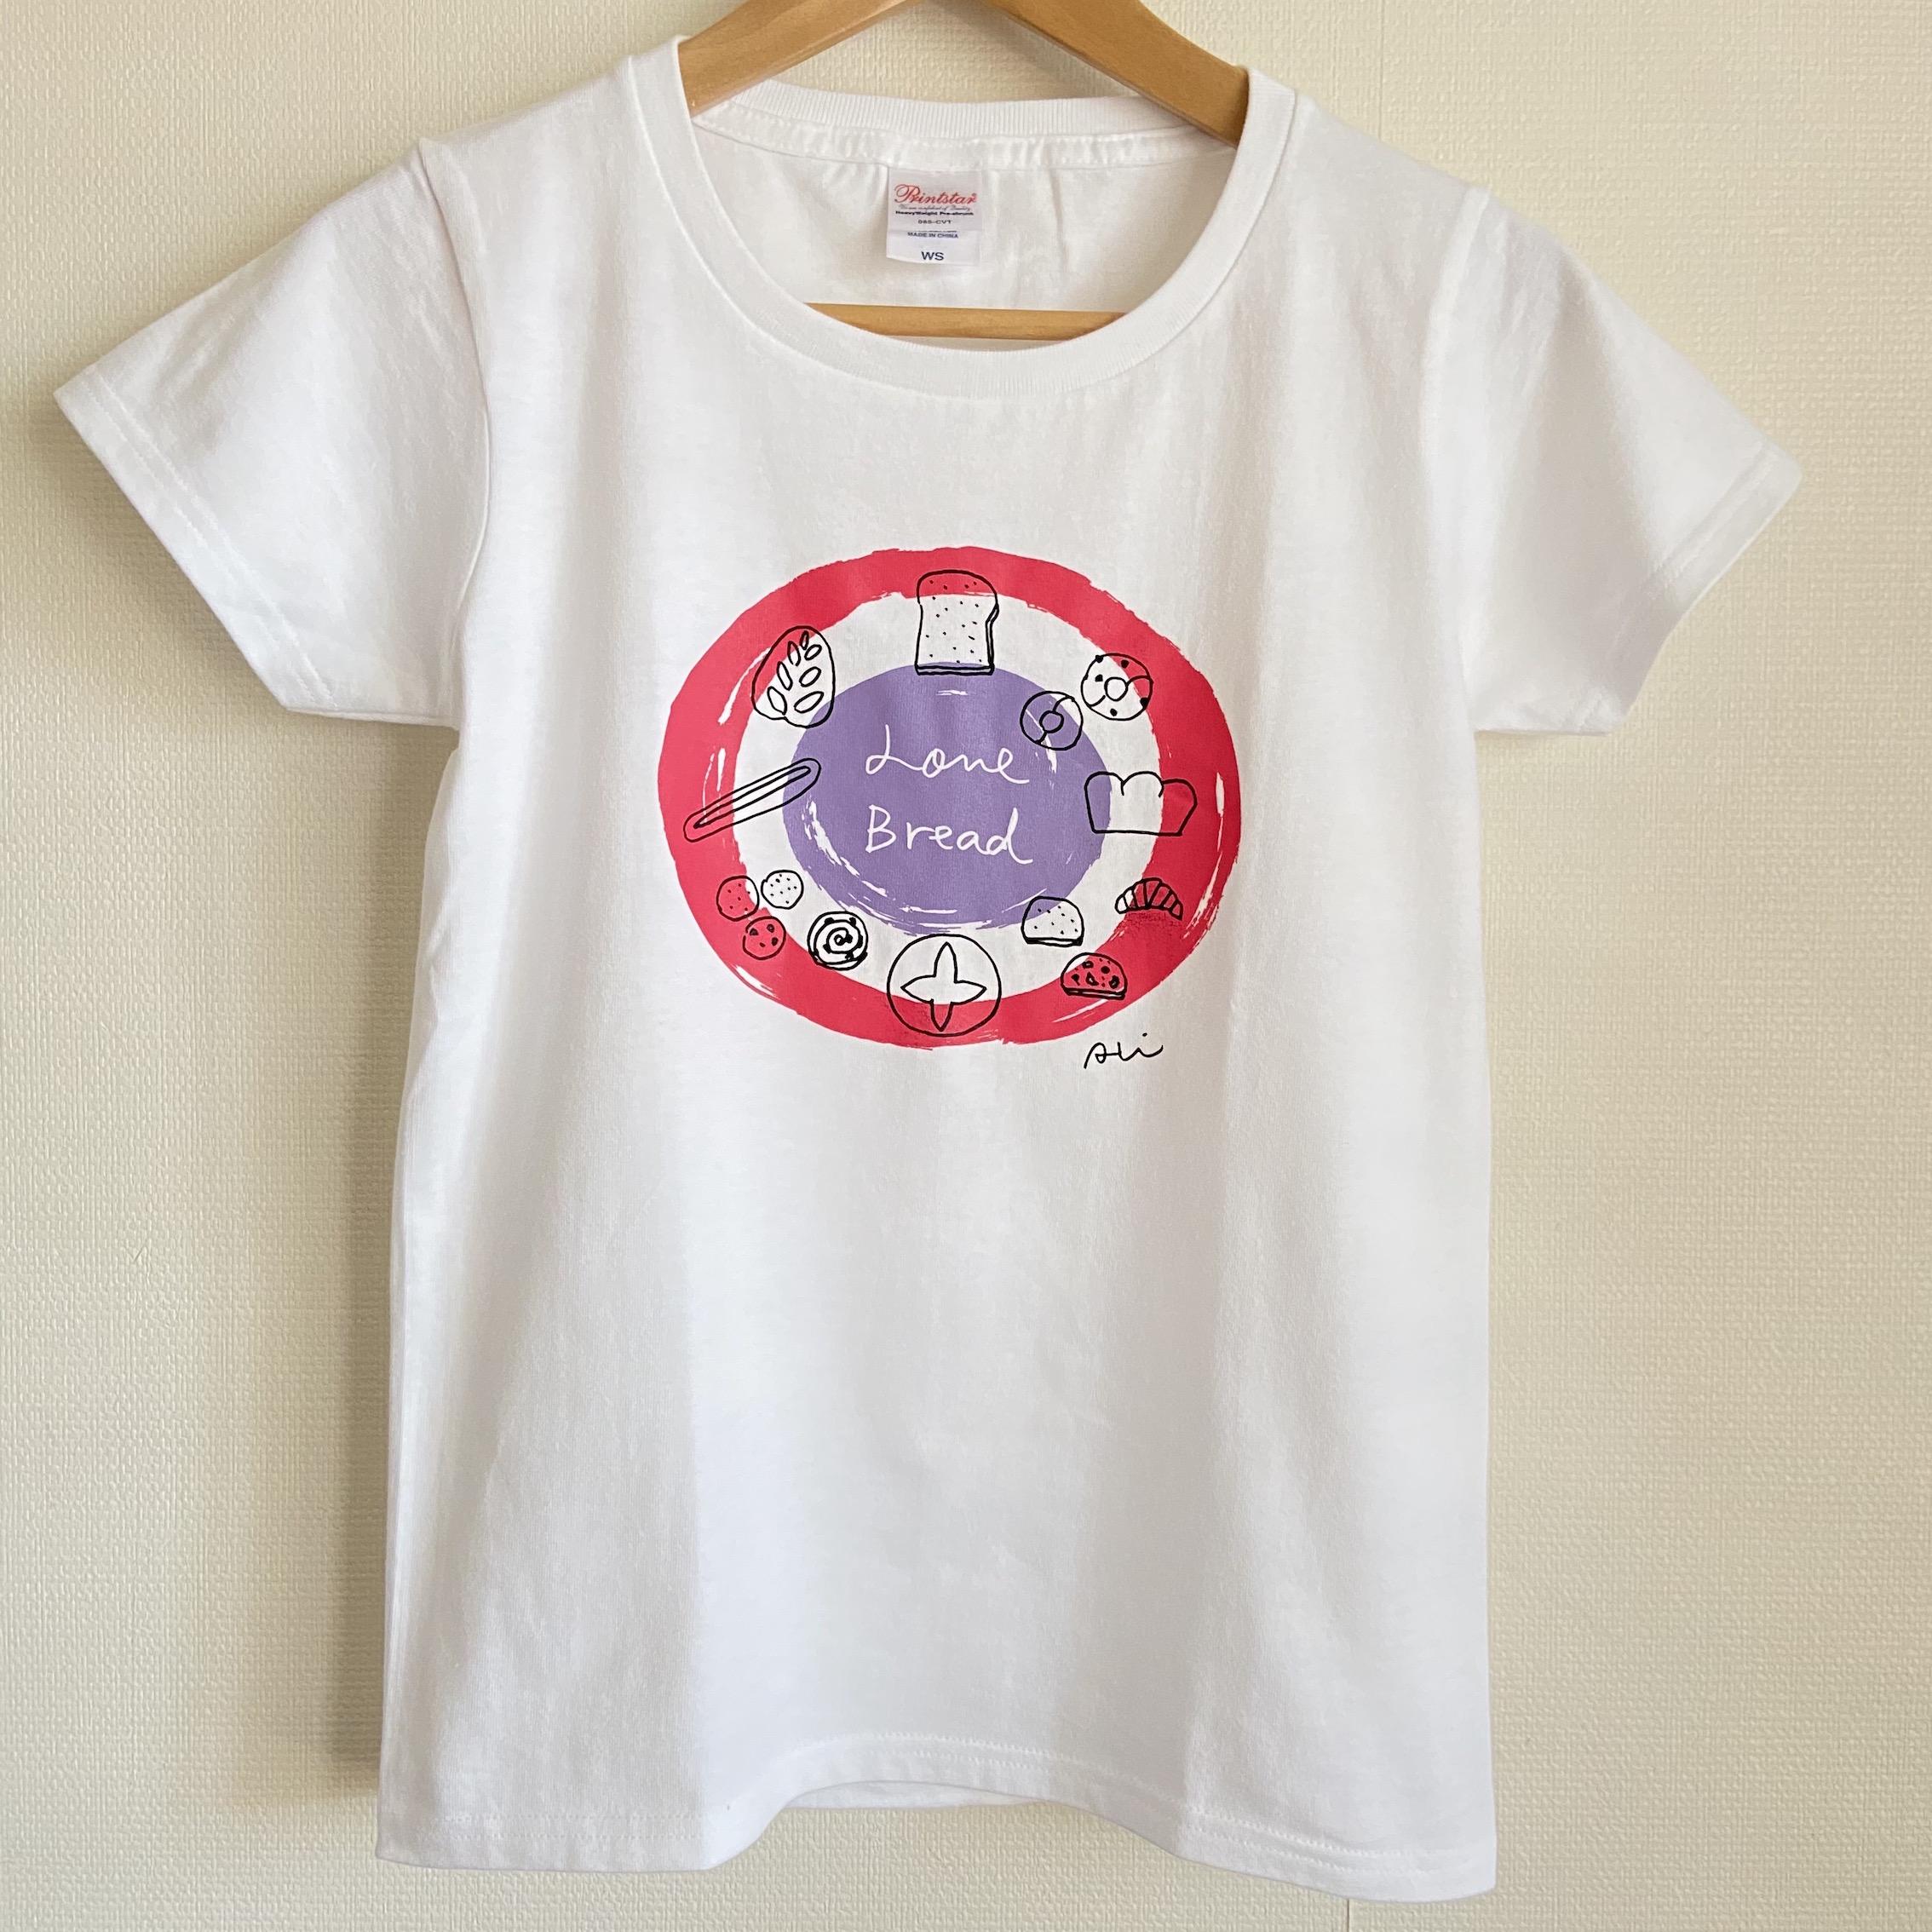 形が良いTシャツです。Sはキッズ150位